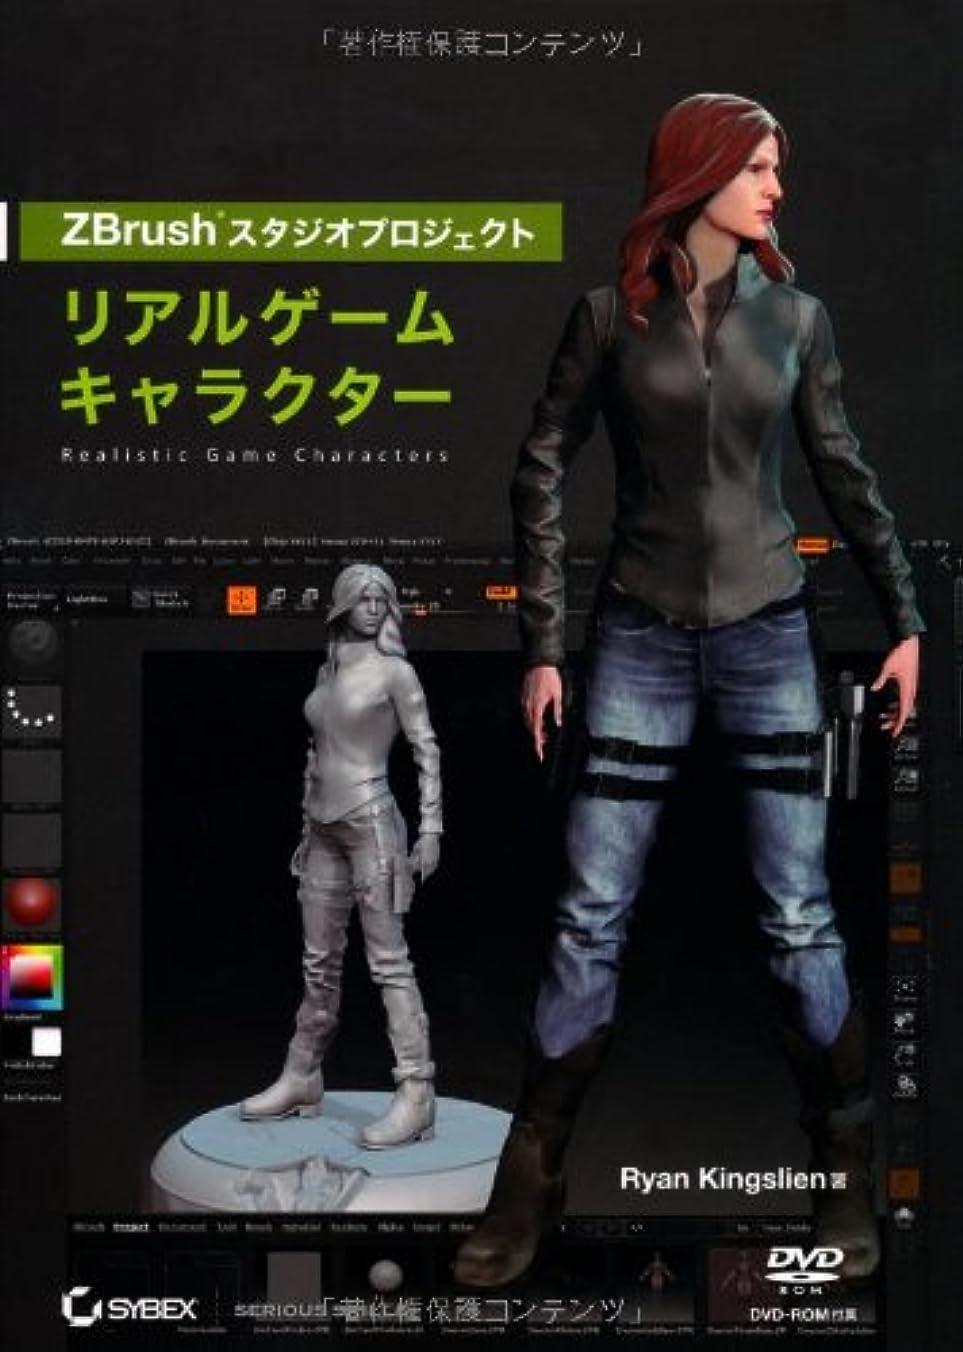 雰囲気すすり泣きぼかすZBrush スタジオプロジェクト: リアルゲームキャラクター~DVD付~